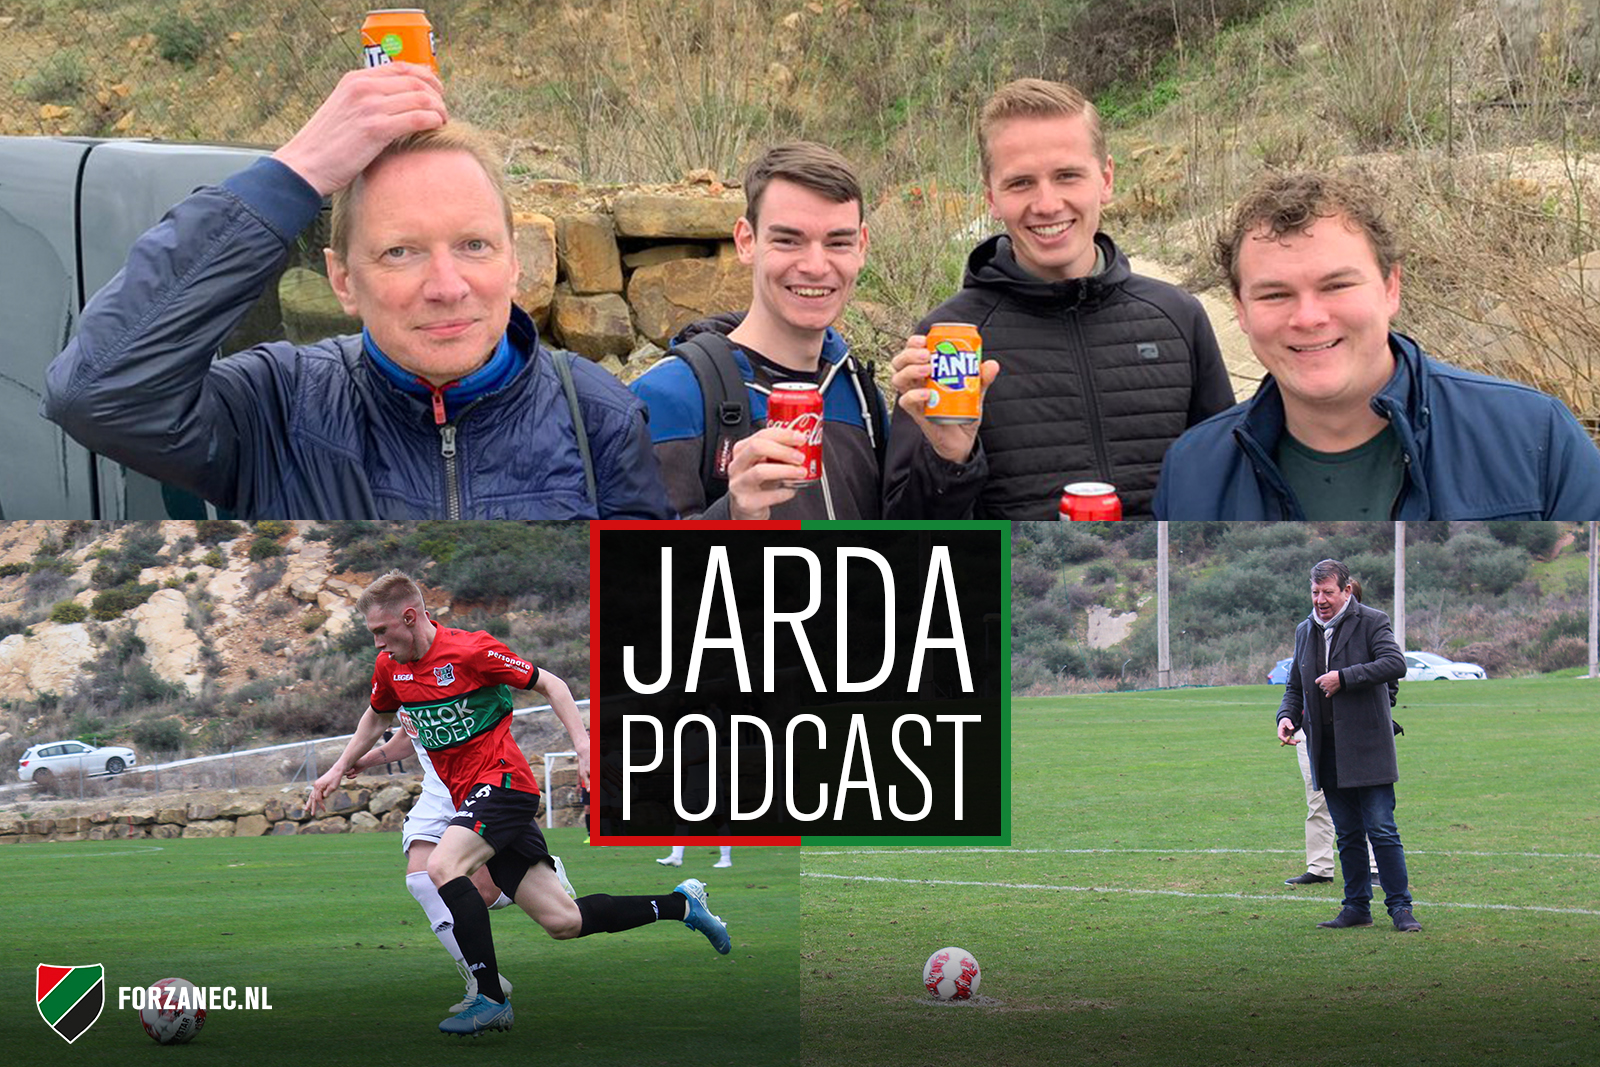 Jarda Podcast in Spanje #2: Met Jan Sommerdijk over de blikvangers van NEC